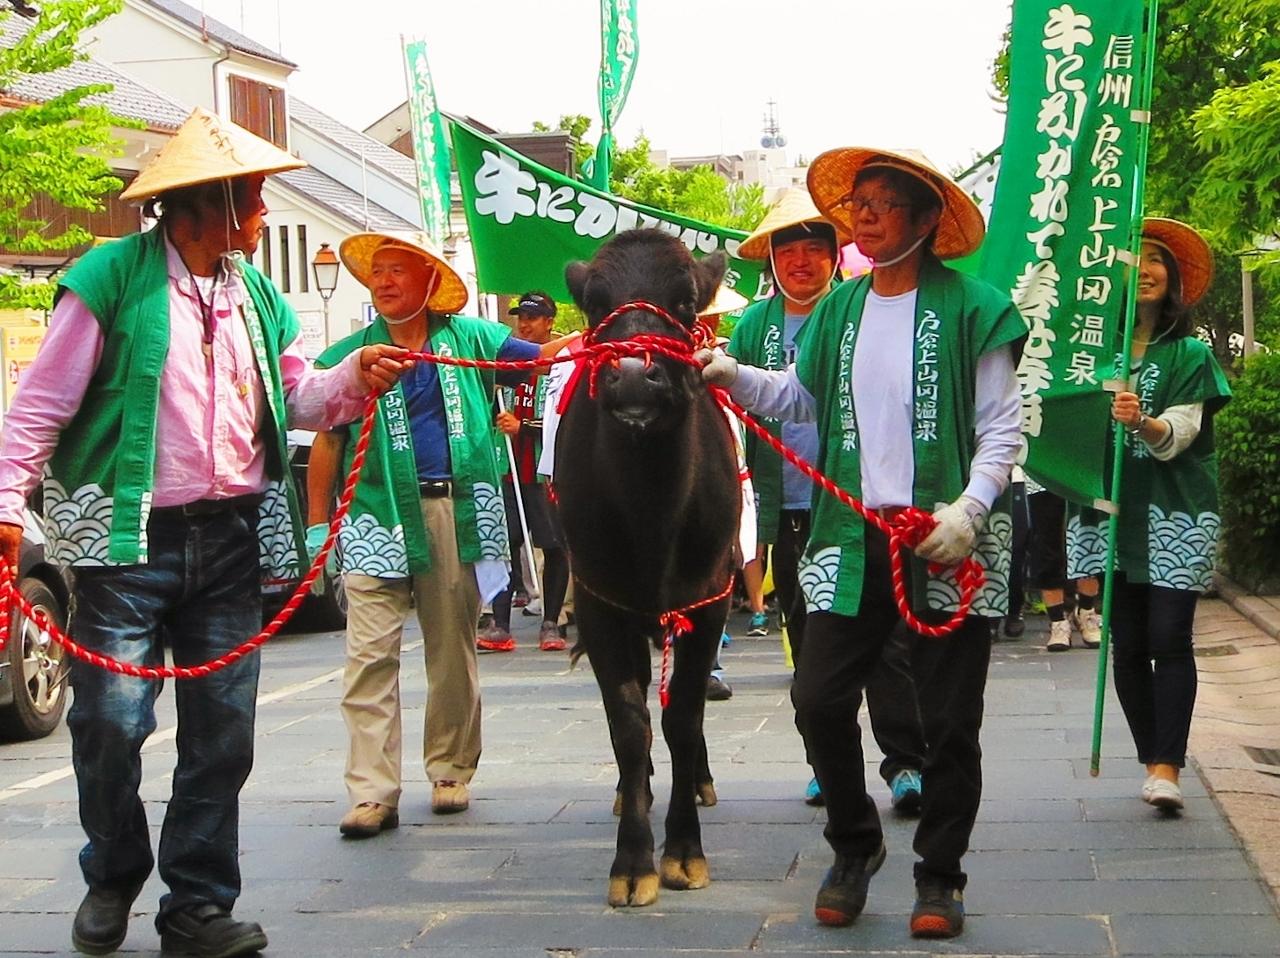 牛に引かれて善光寺参りウォーキングイベント